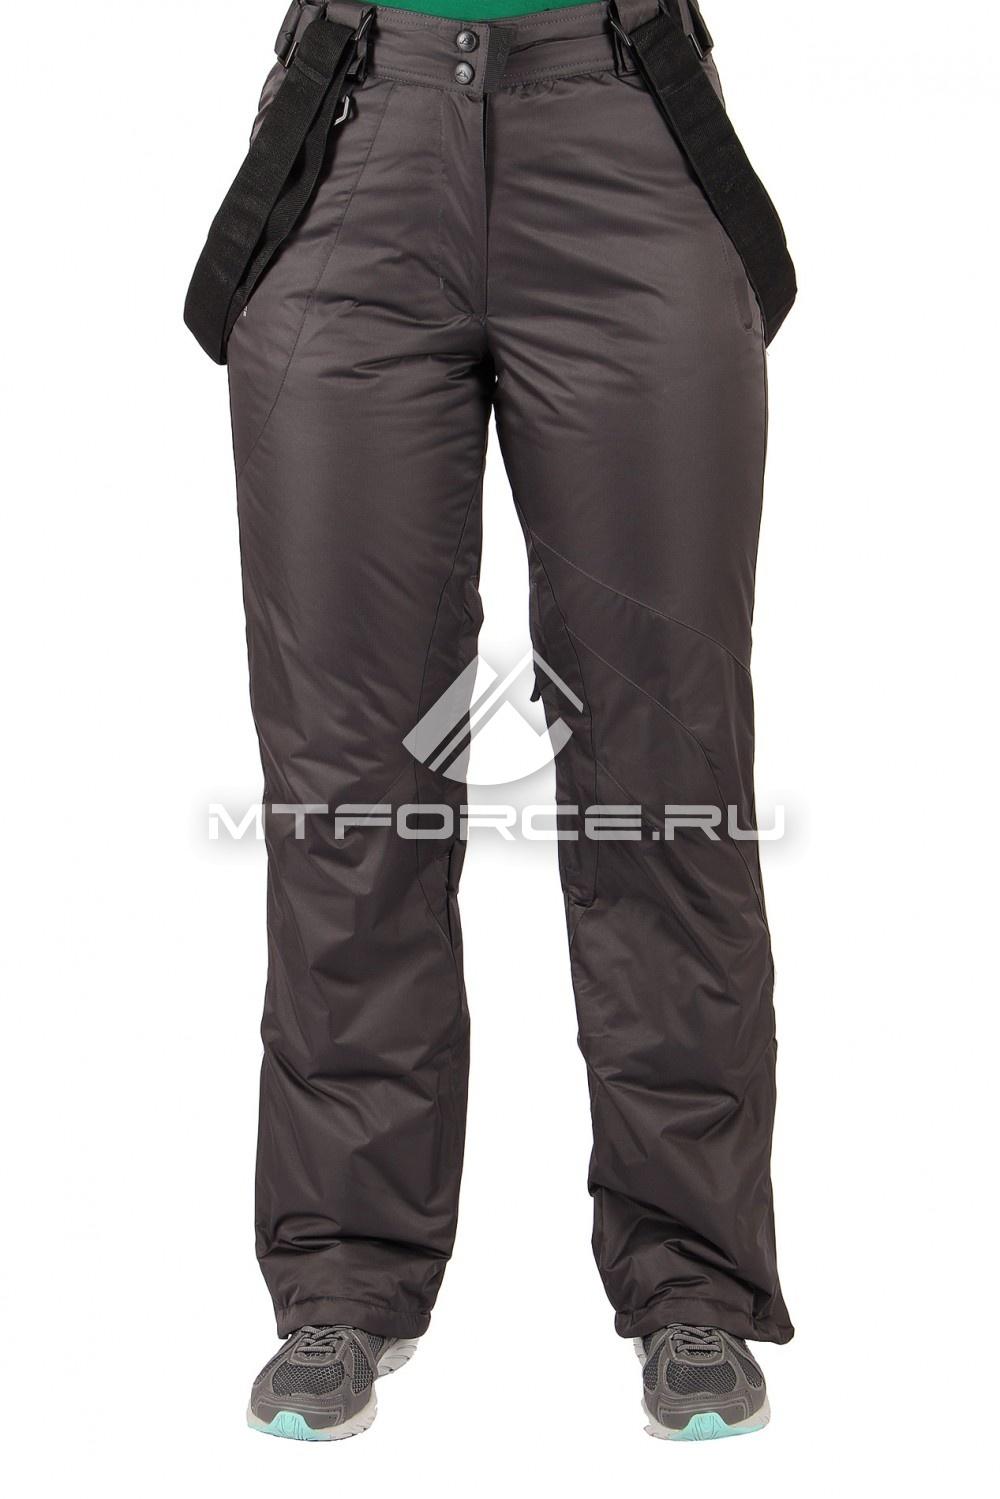 Купить                                  оптом Брюки горнолыжные женские серого цвета 1403Sr